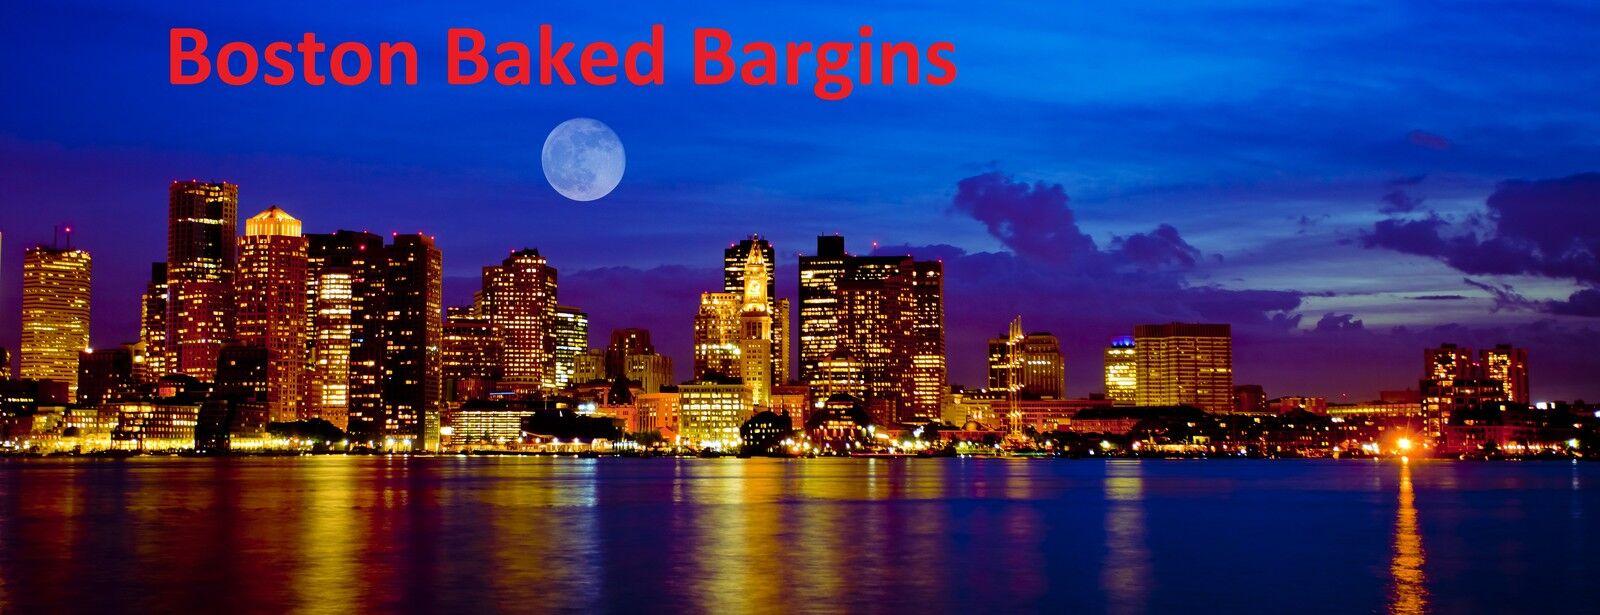 Boston Baked Bargins